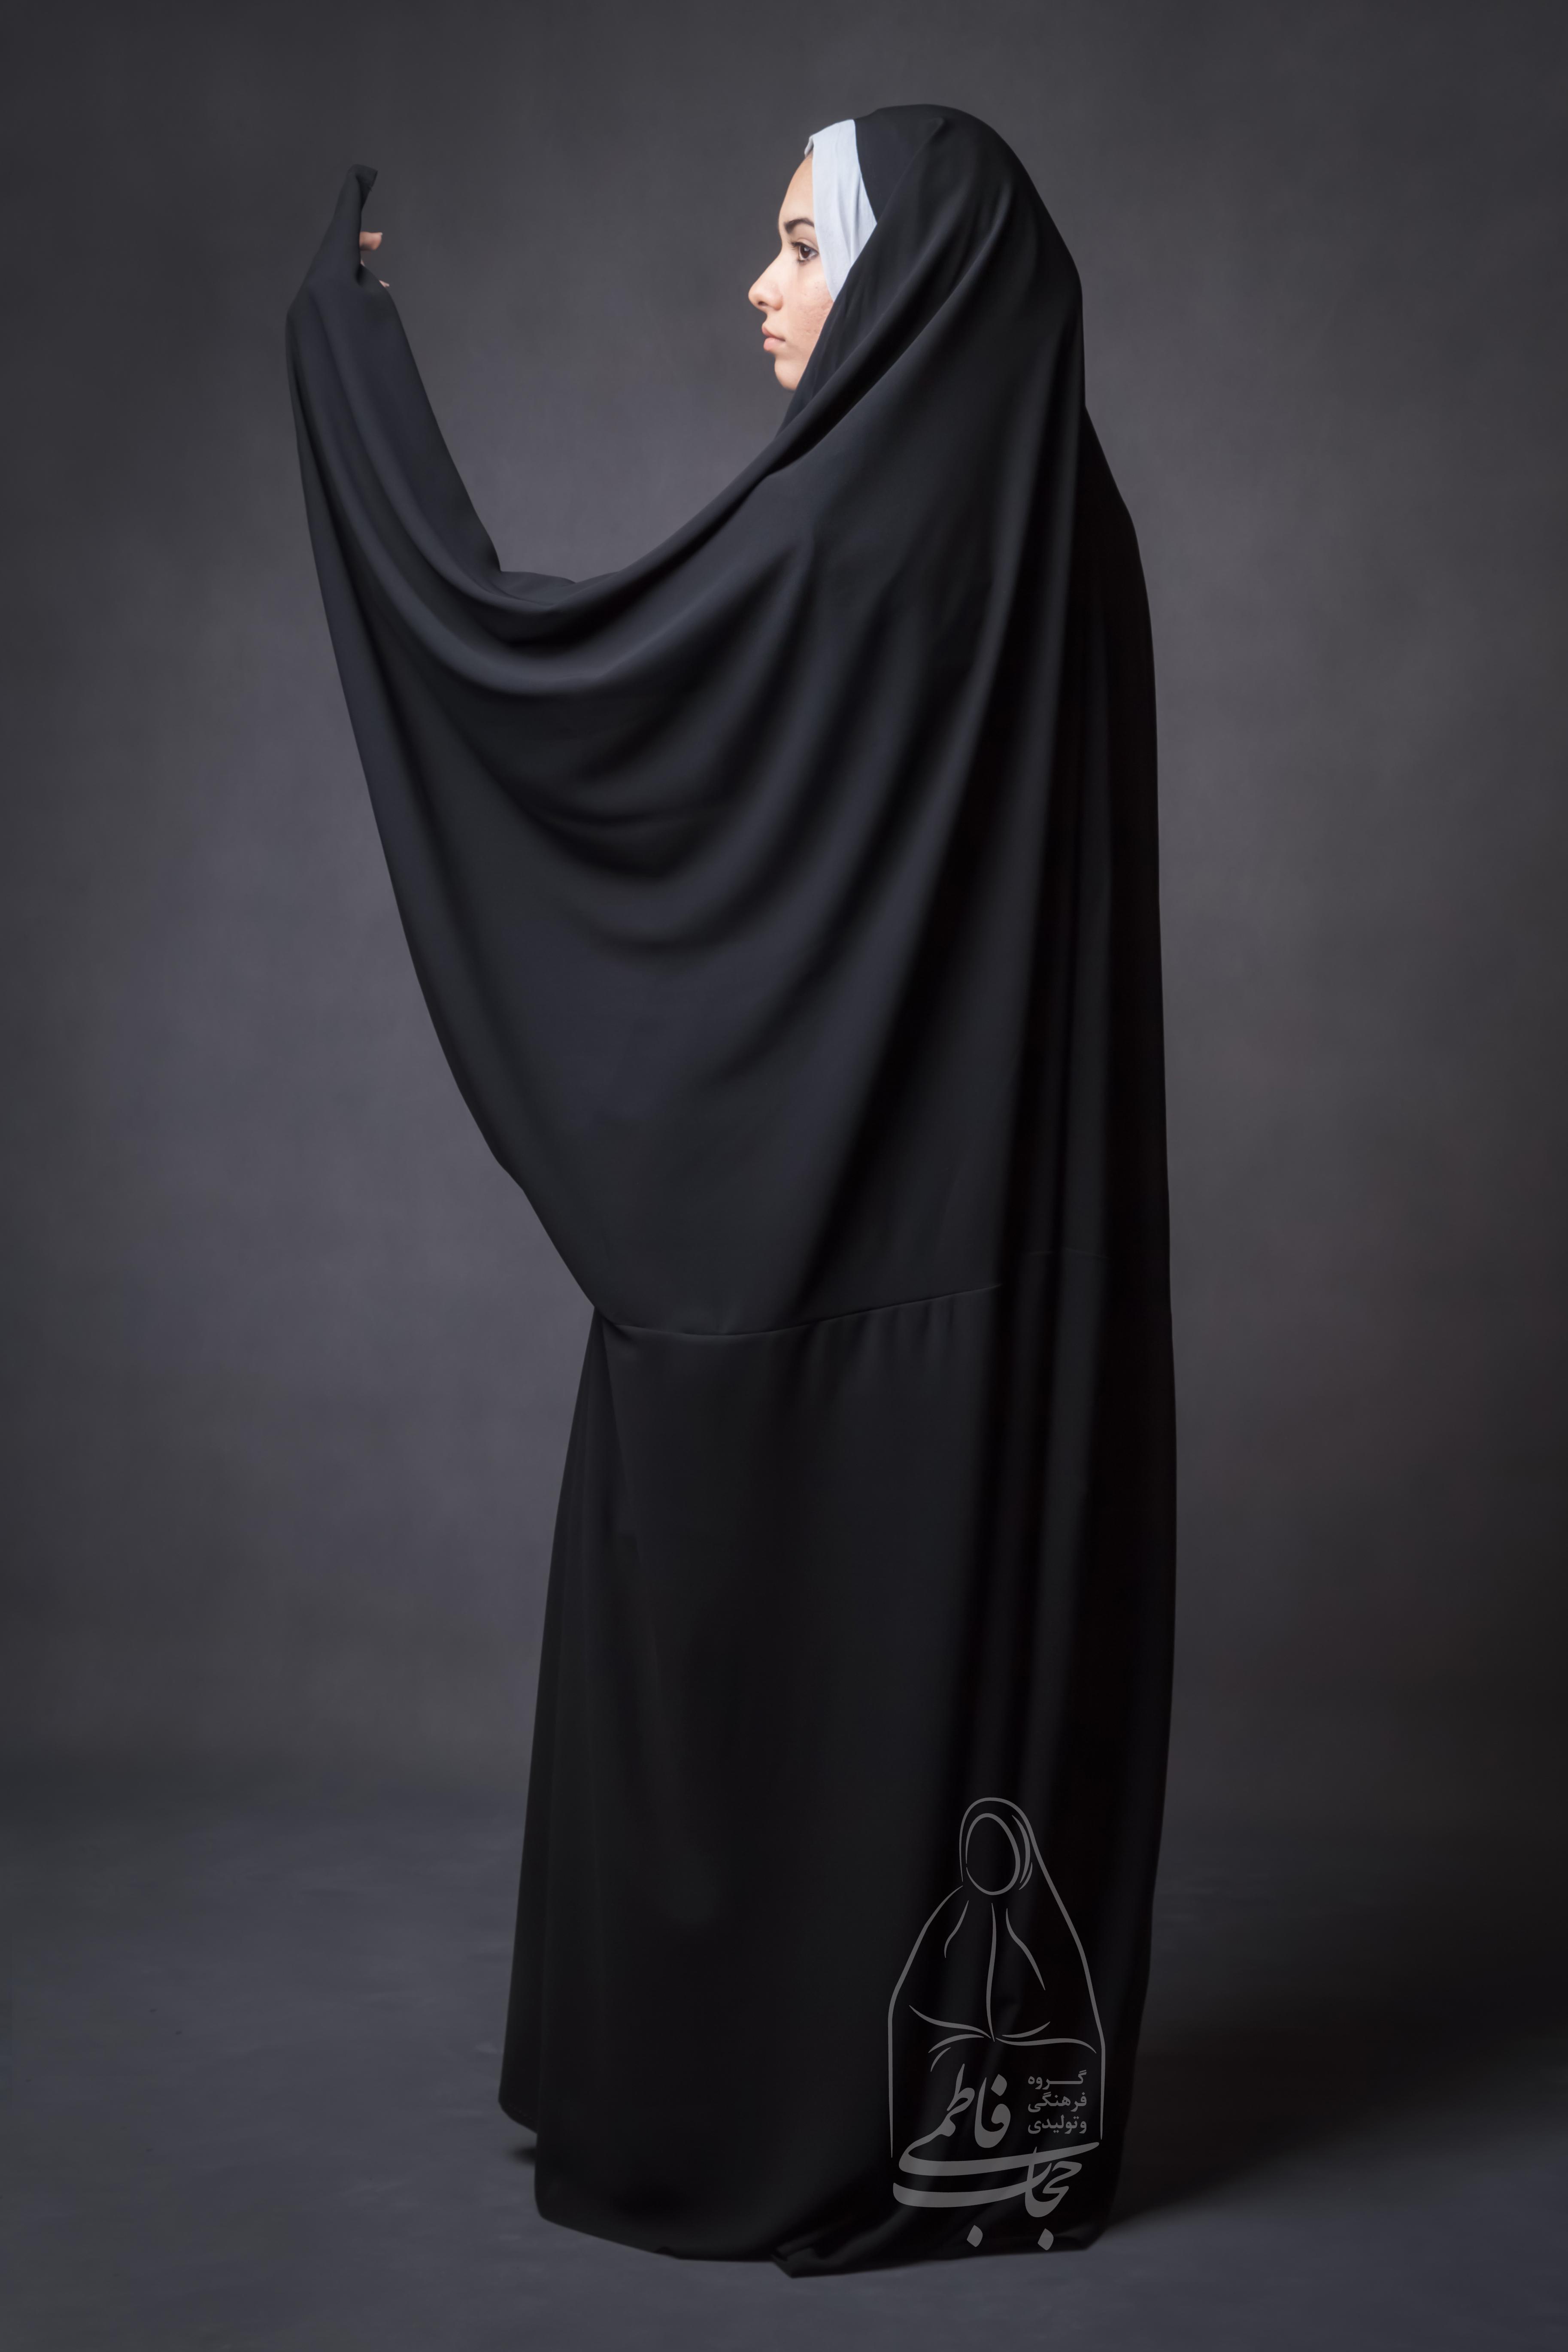 چادر کمری قجری کن کن